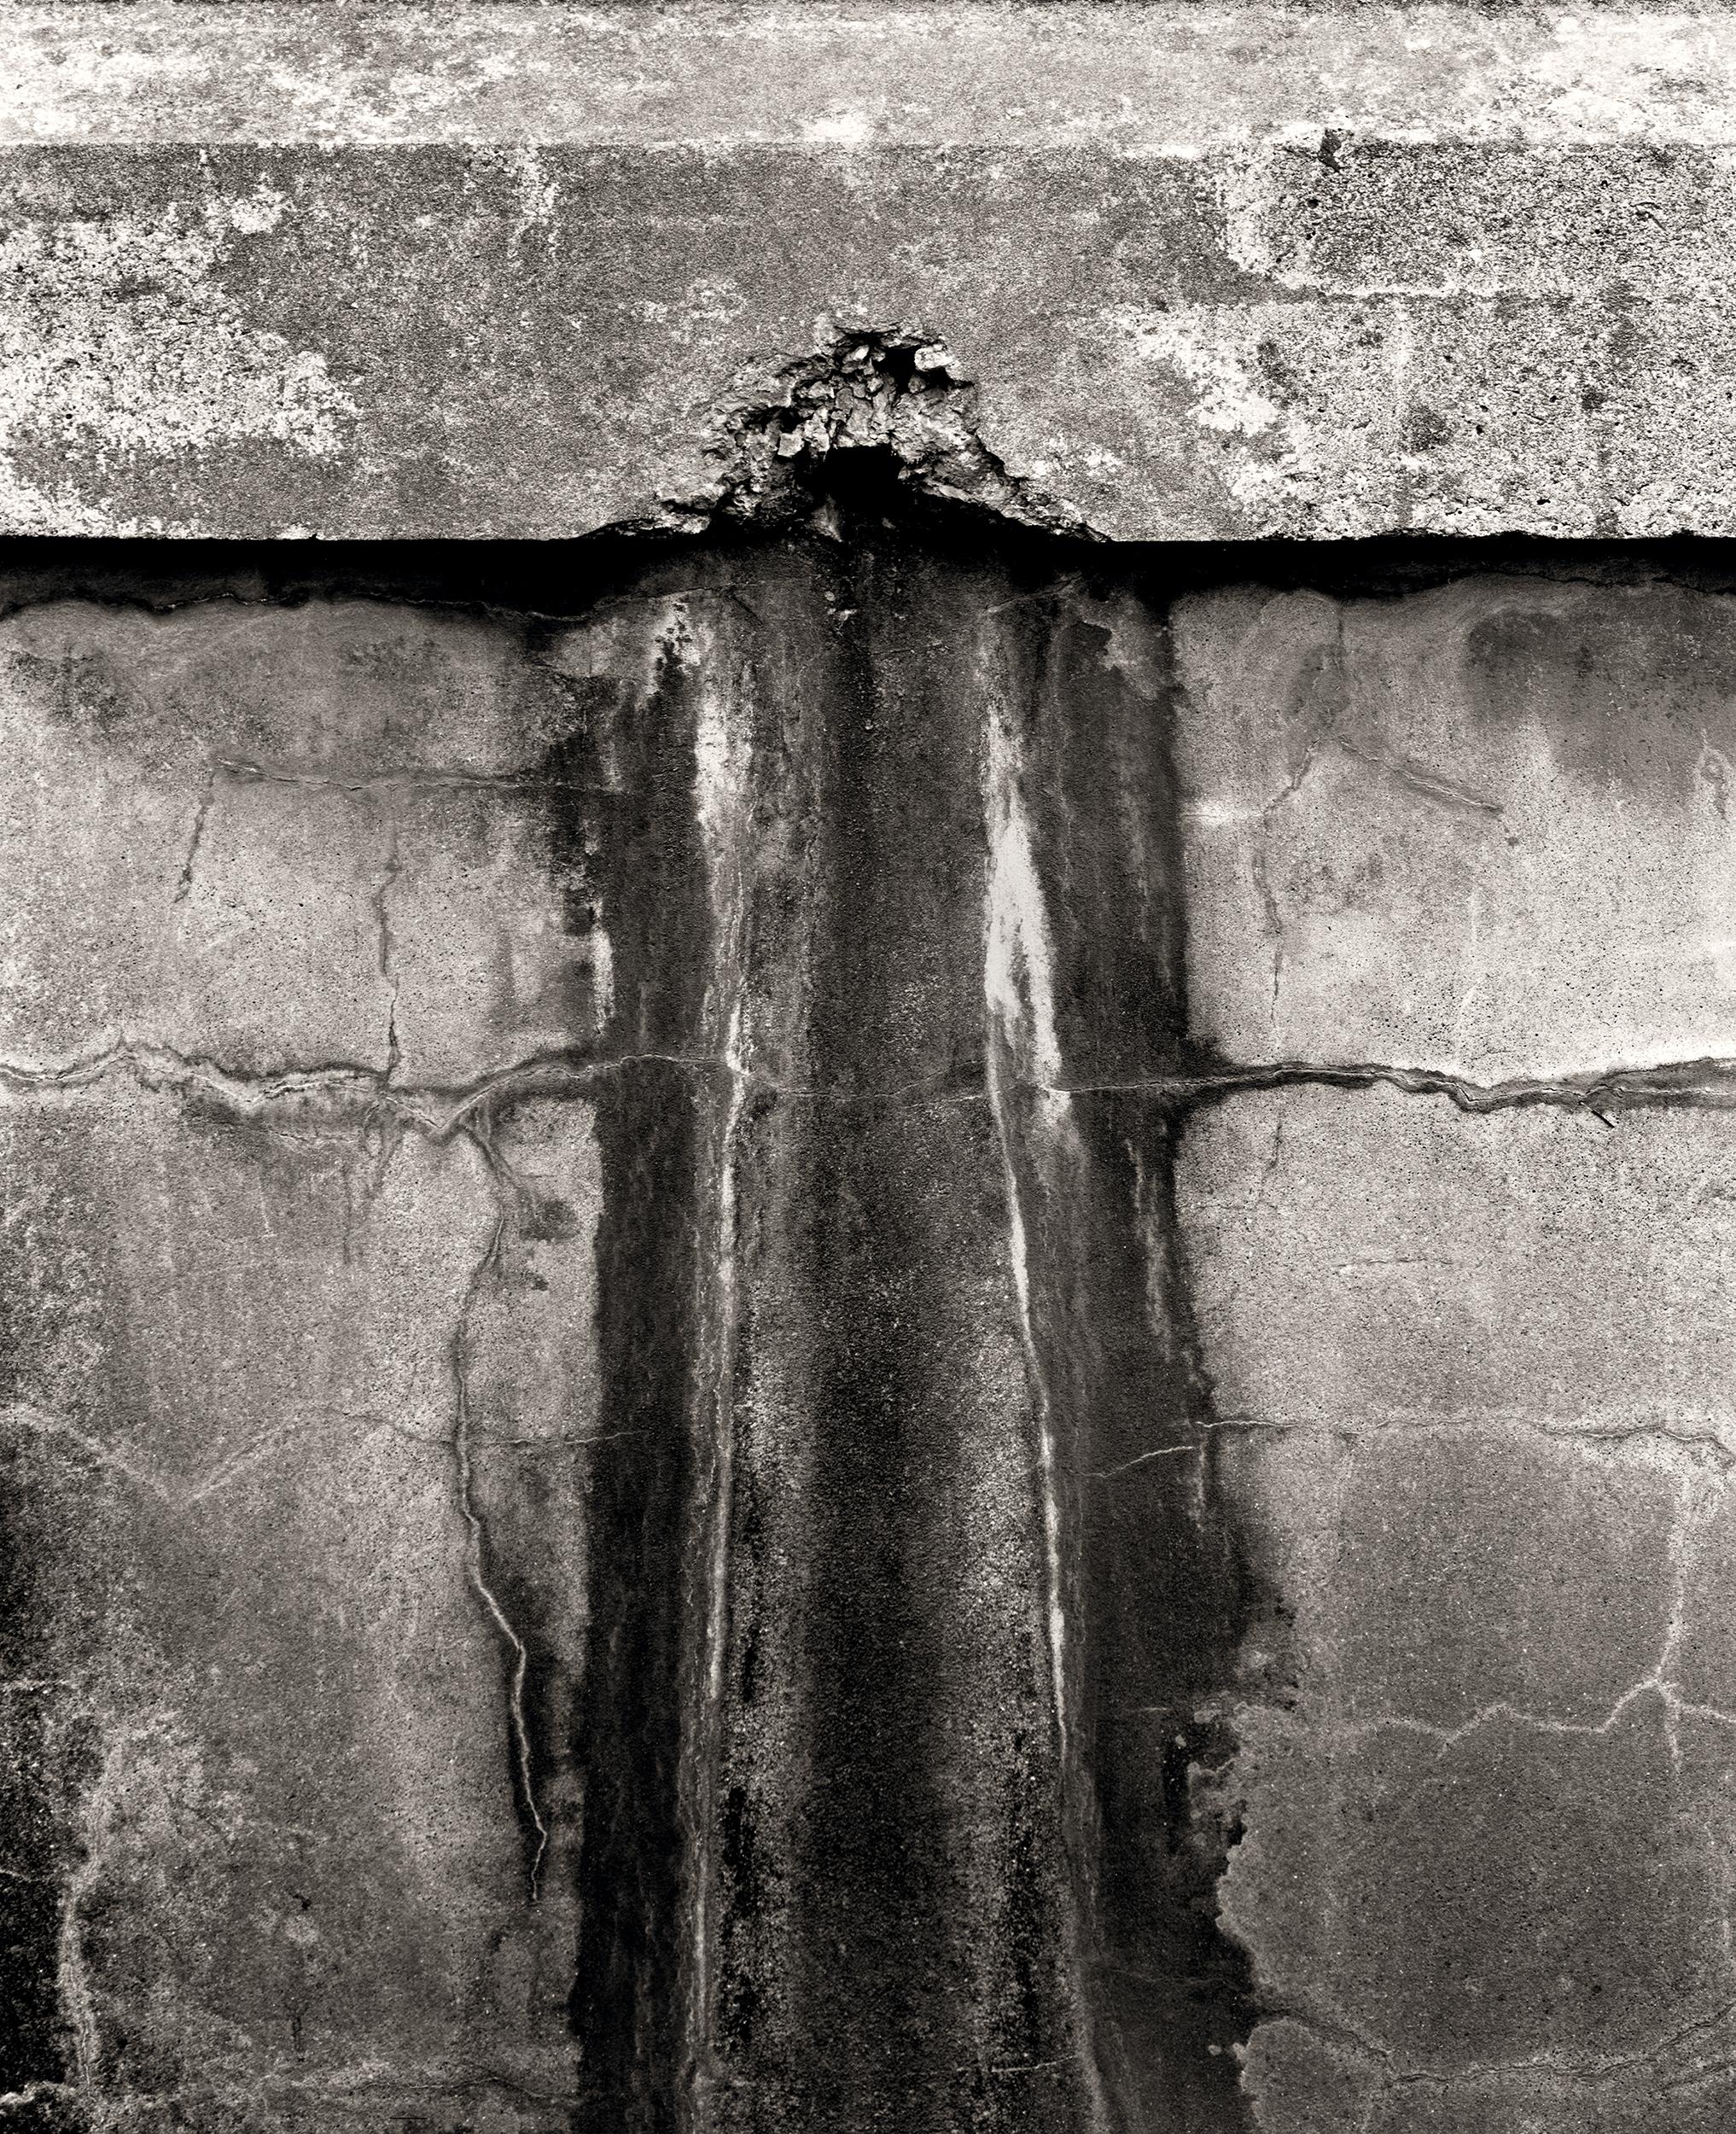 Bunker Wall 1, Battery Godfrey